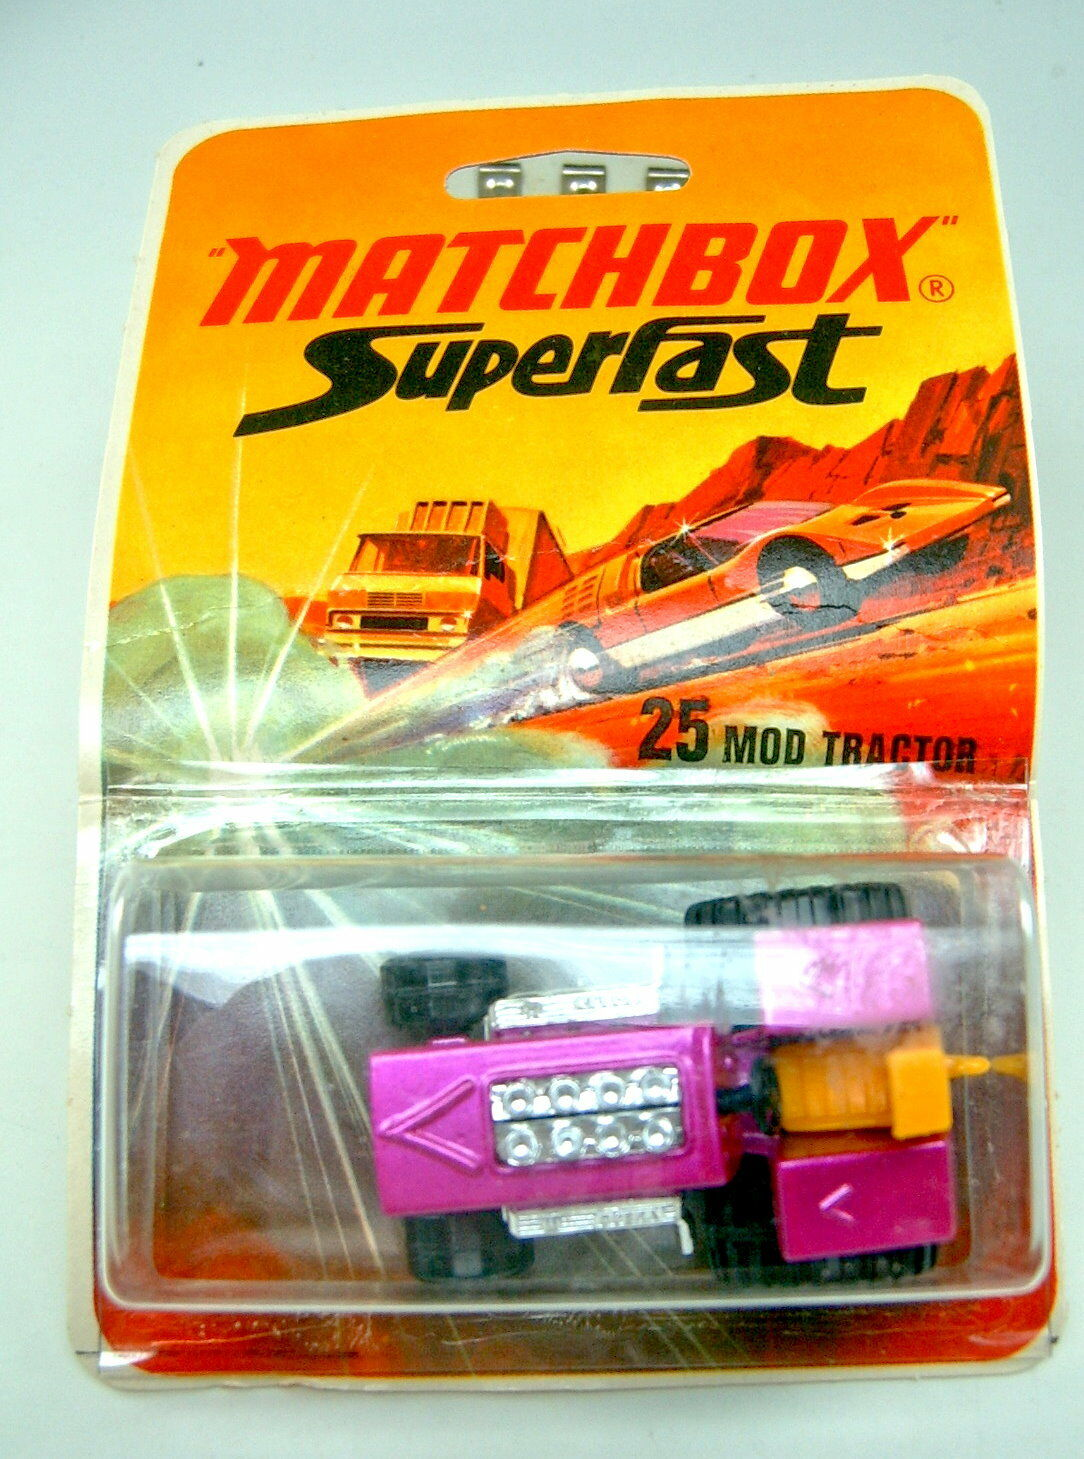 Matchbox SF nº 25b mod tractor pintadas bodenpl. a escasos termosellada